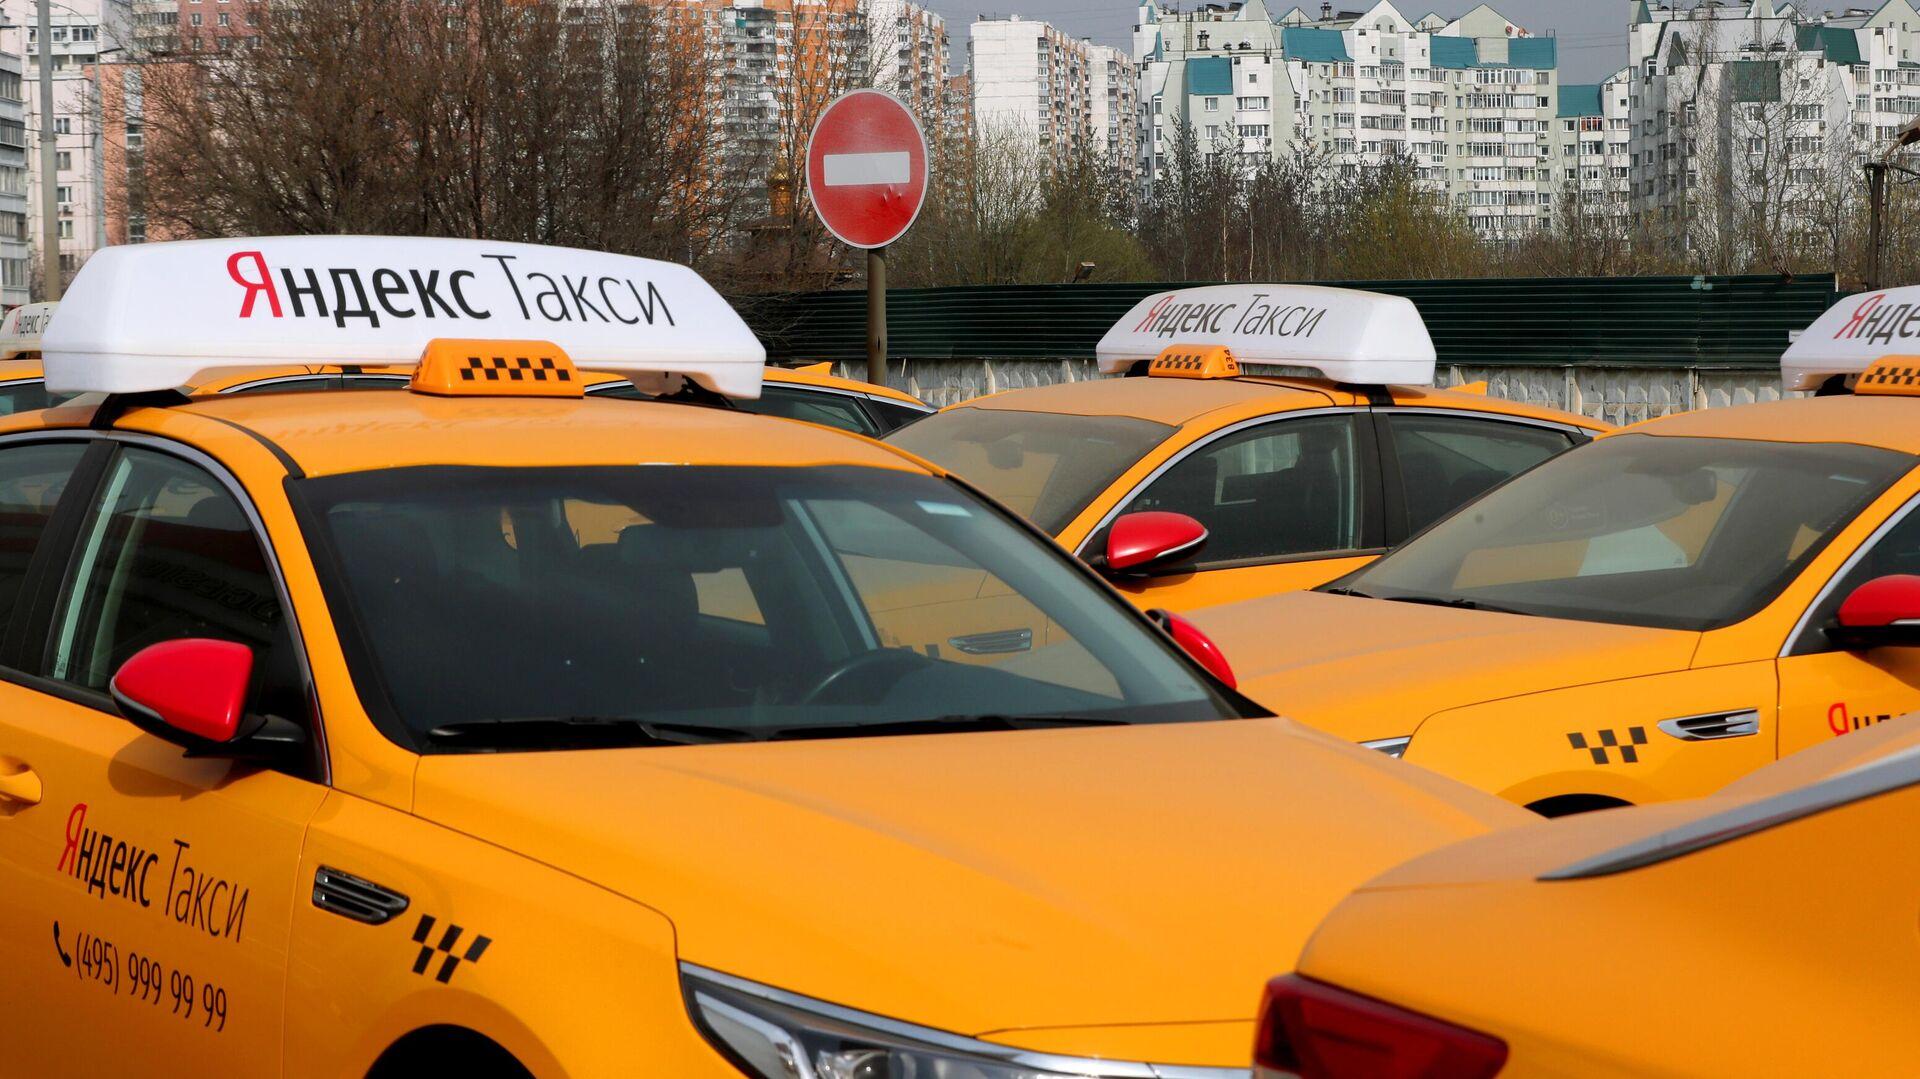 """1570537231 0:152:3101:1896 1920x0 80 0 0 3bc54a34a805c94978fd3c4a752e305e - """"Яндекс"""" сравнил расходы на каршеринг, такси и личный автомобиль"""